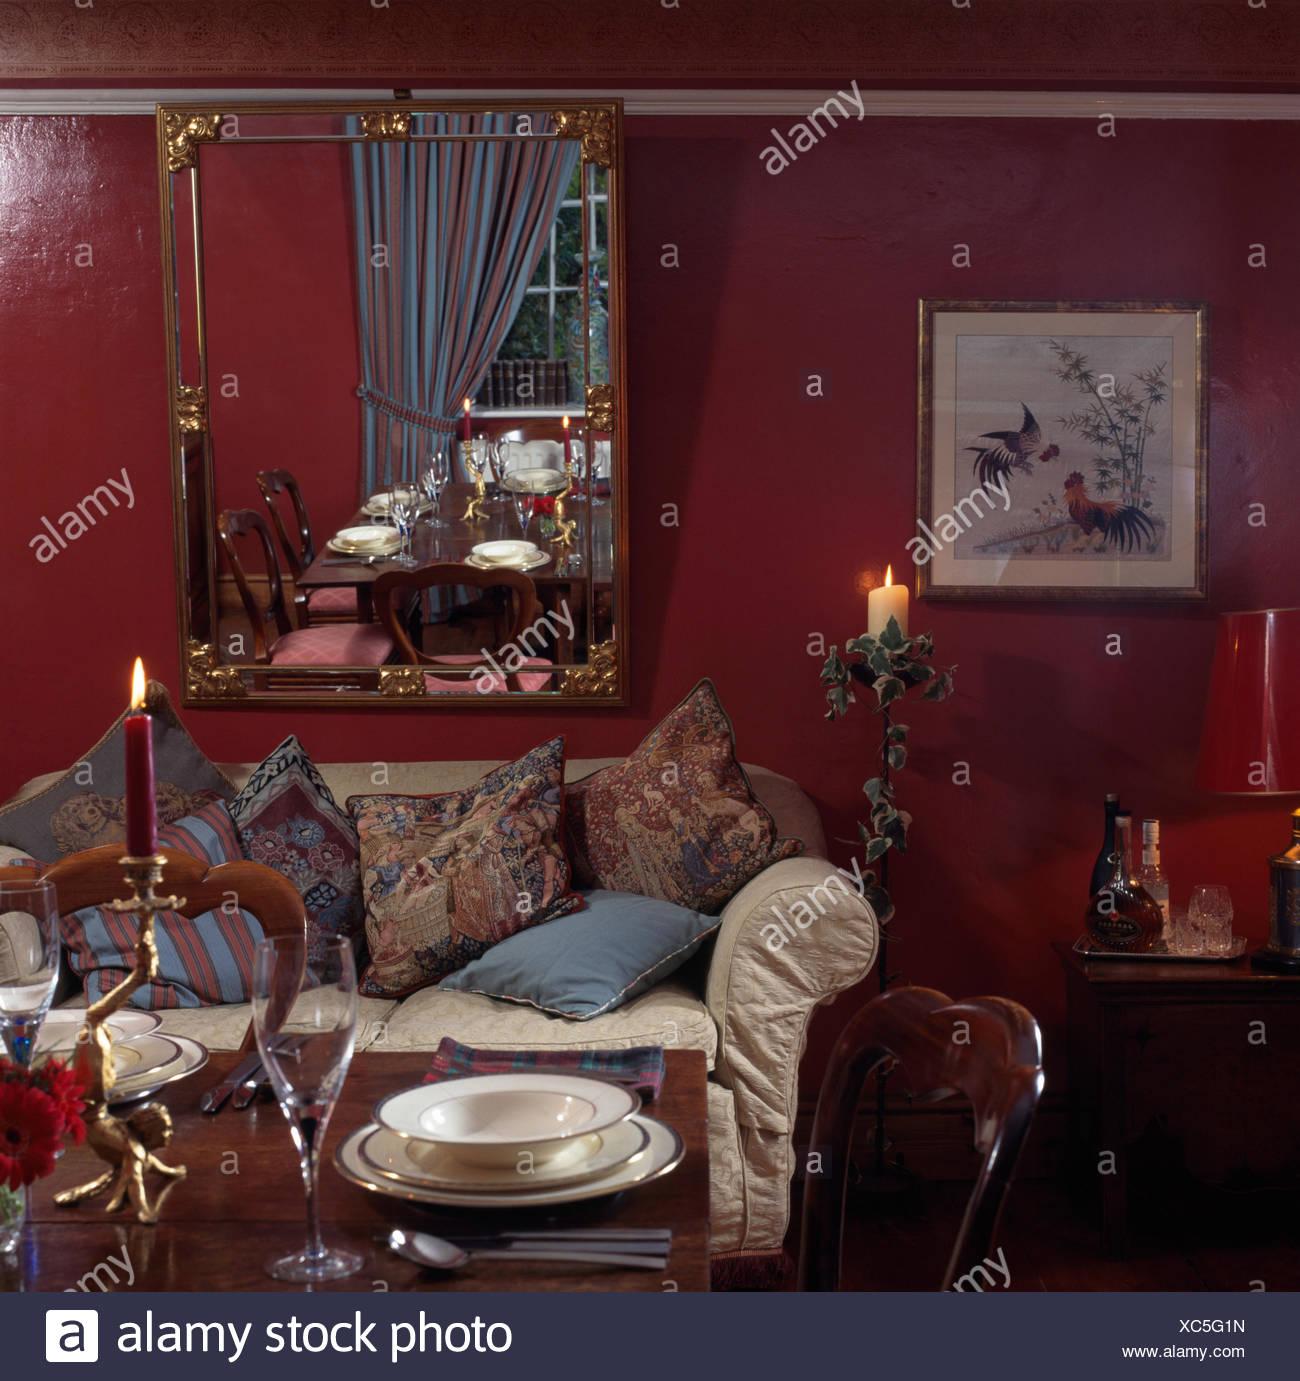 Vergoldeter Spiegel über Sofa Mit Kissen In Einem Dunklen Rot Esszimmer Mit  Tisch Für Das Abendessen Gestapelt